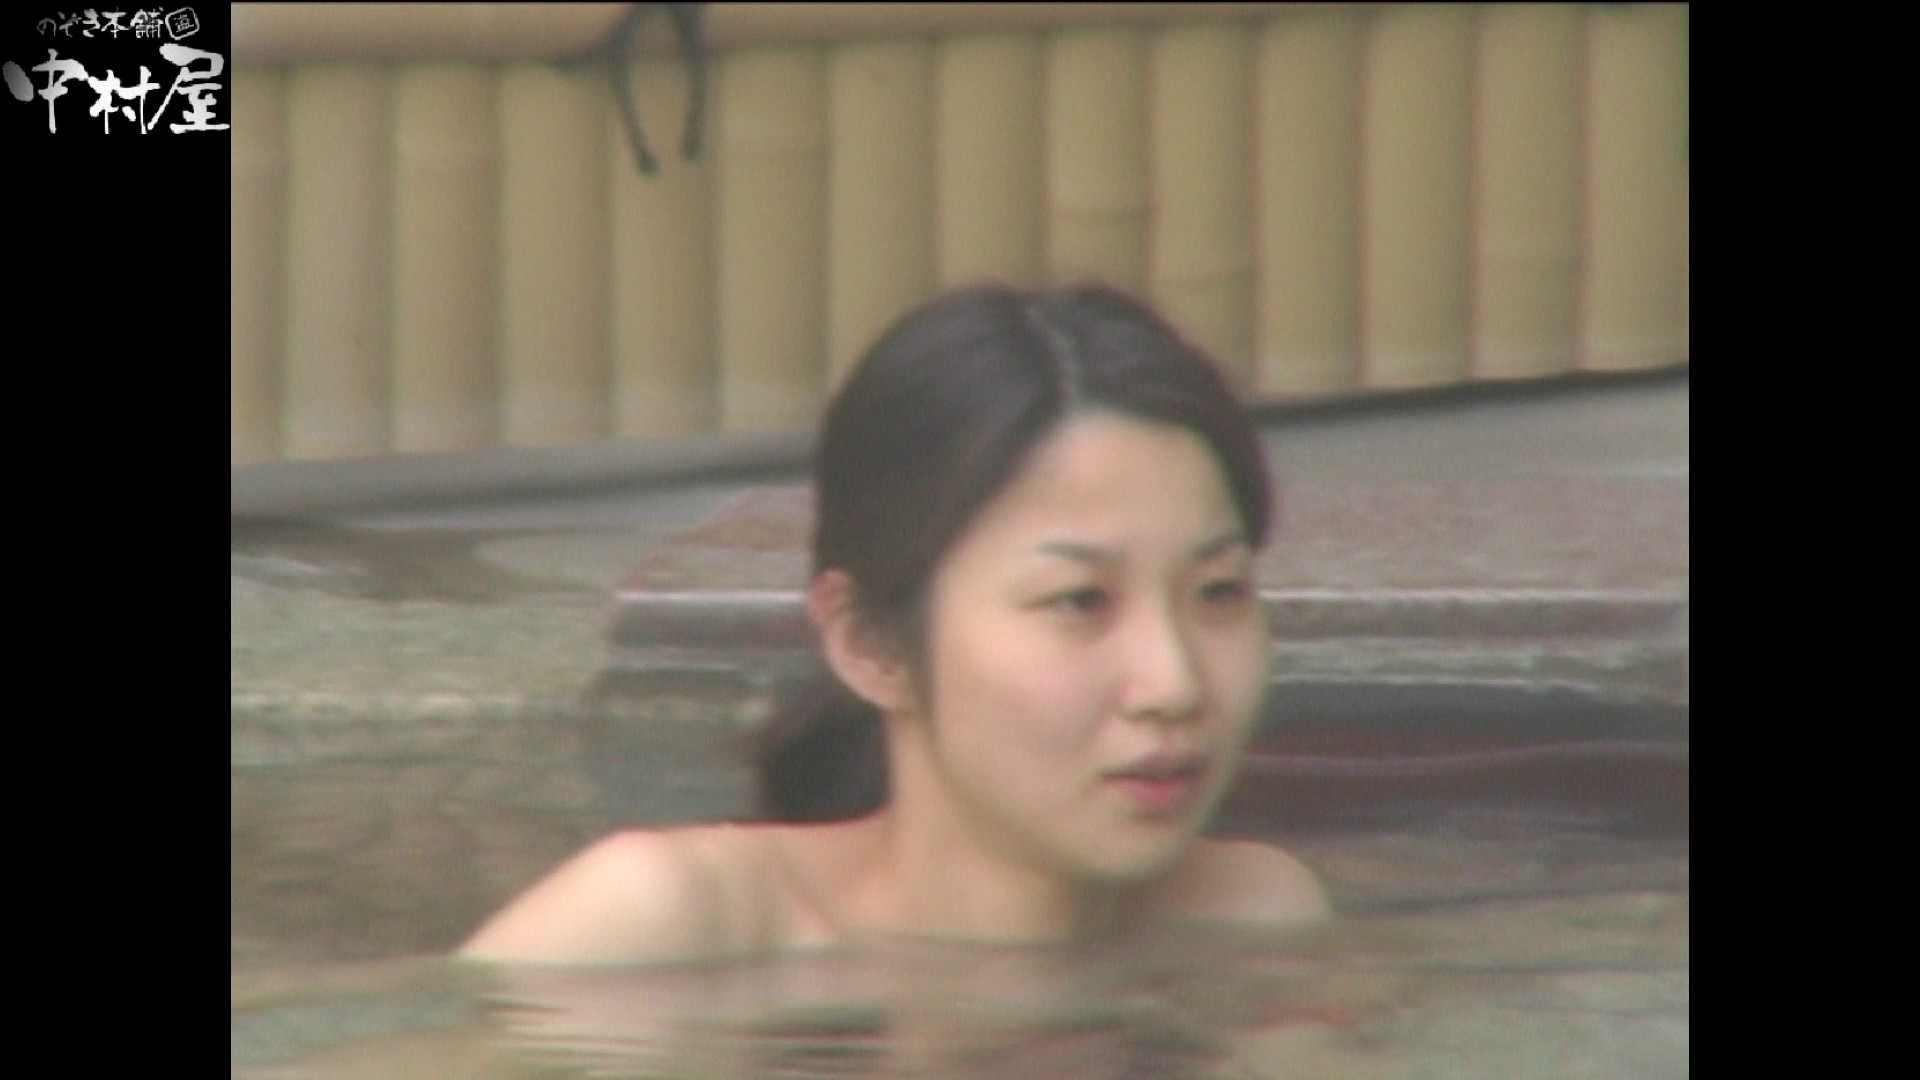 Aquaな露天風呂Vol.898 盗撮シリーズ  110PIX 2